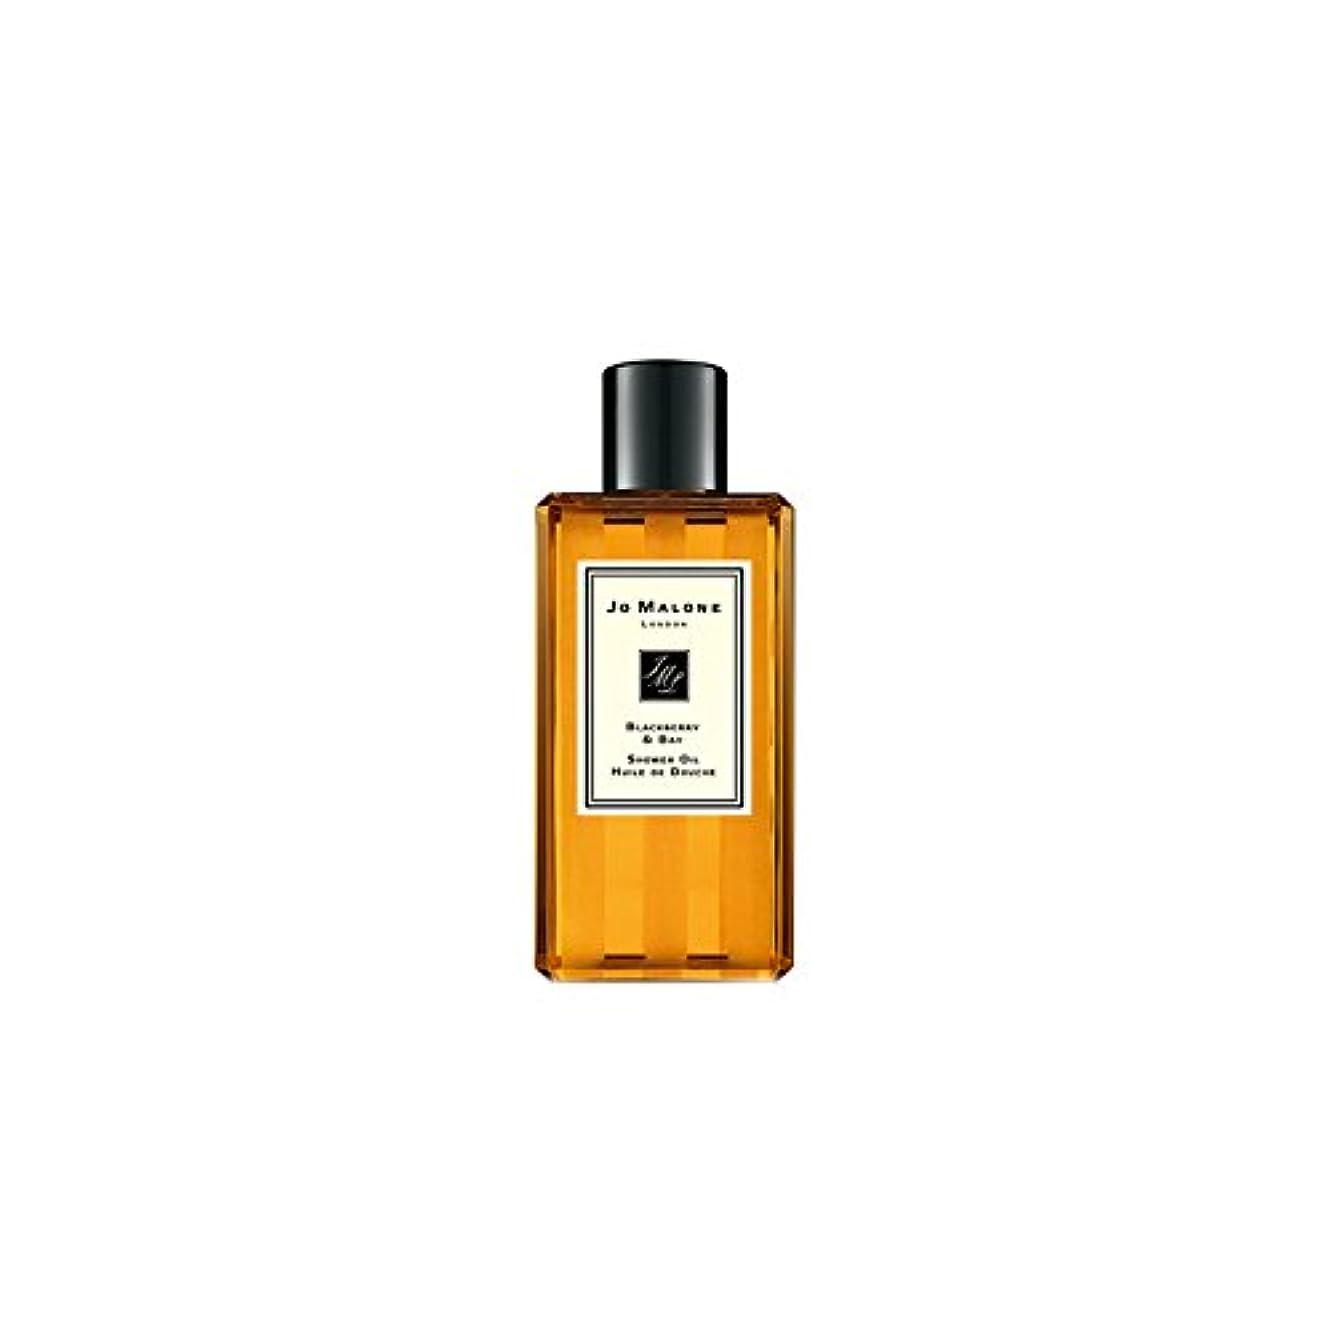 猫背西部魔術師Jo Malone Blackberry & Bay Shower Oil - 250ml (Pack of 2) - ジョーマローンブラックベリー&ベイシャワーオイル - 250ミリリットル (x2) [並行輸入品]